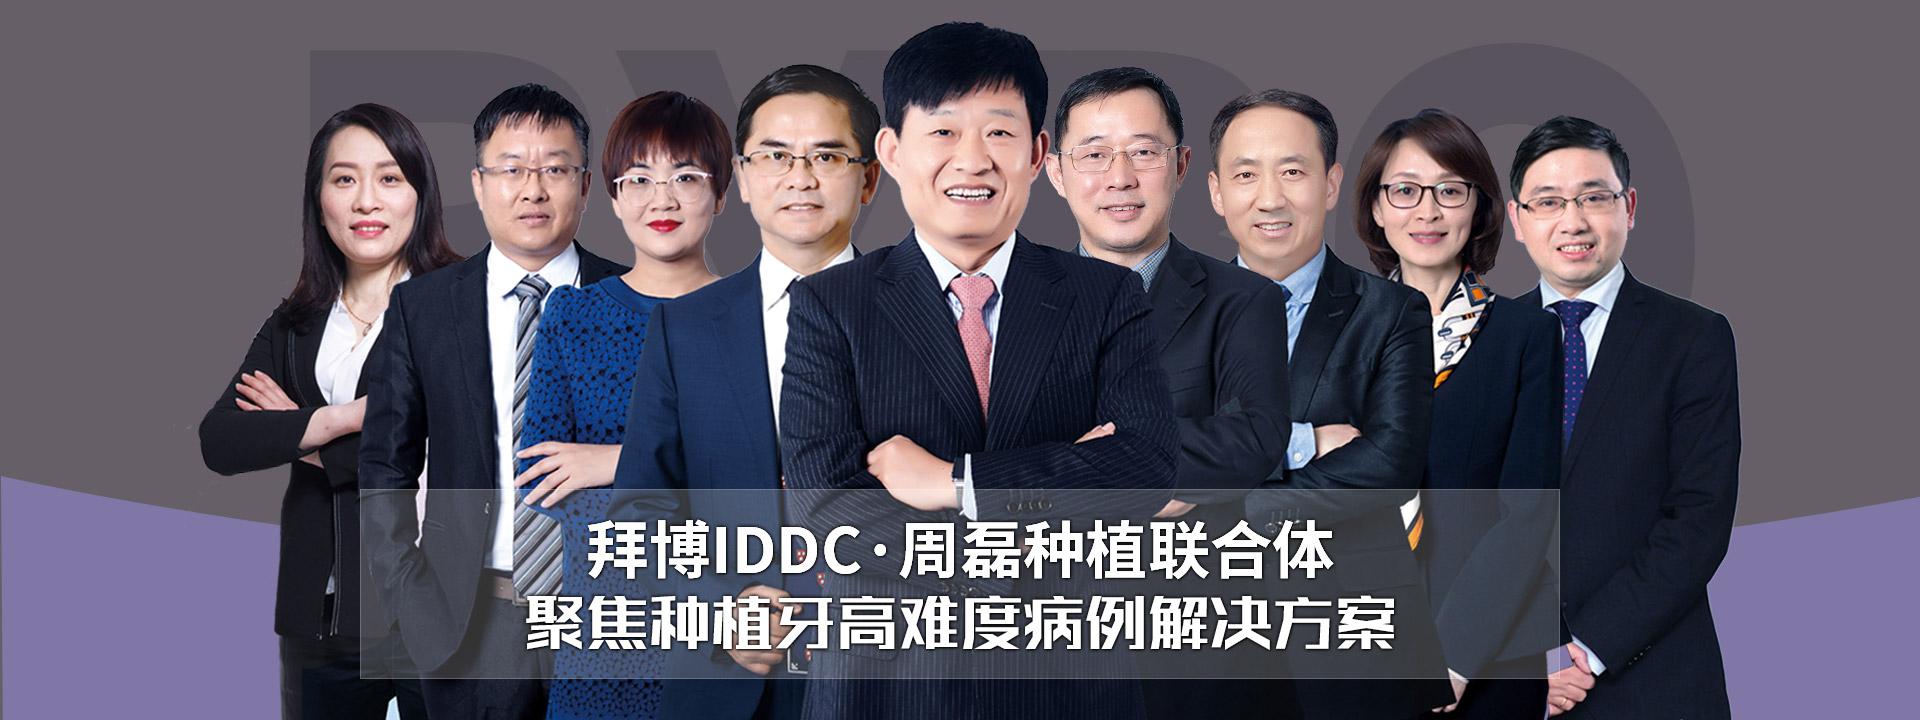 周磊IDDC